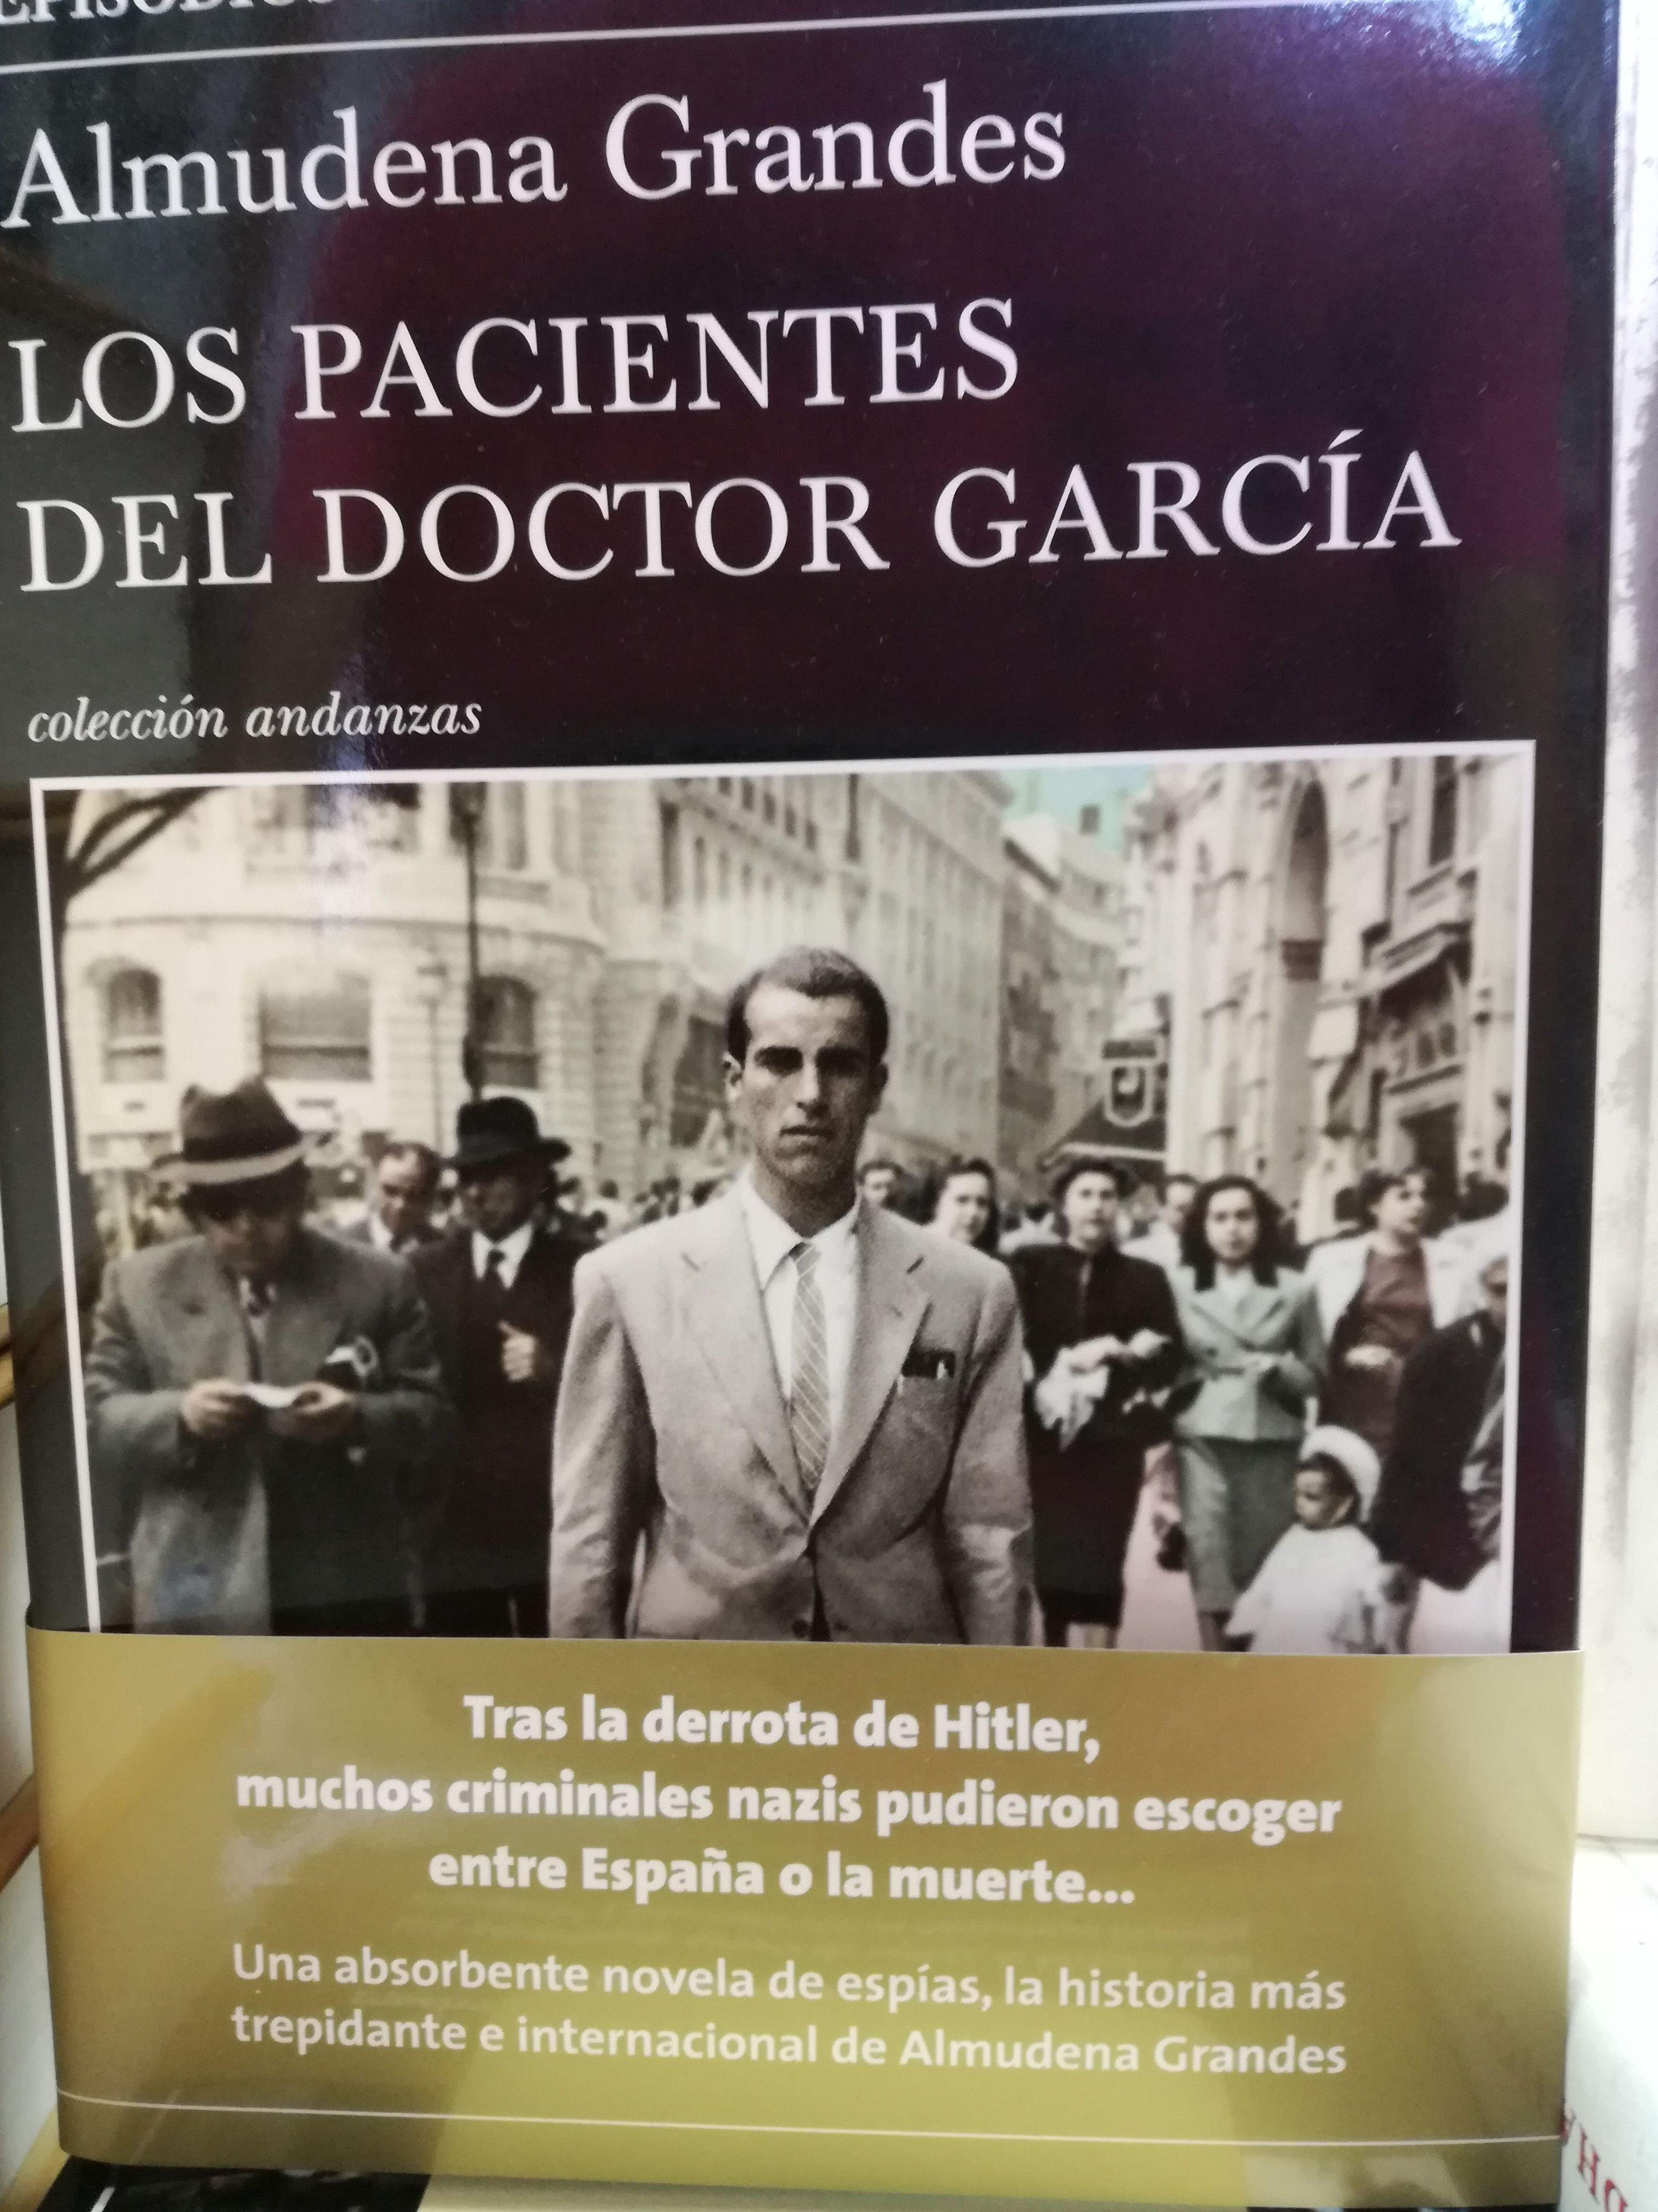 LOS PACIENTES DEL DOCTOR GARCIA: SECCIONES de Librería Nueva Plaza Universitaria